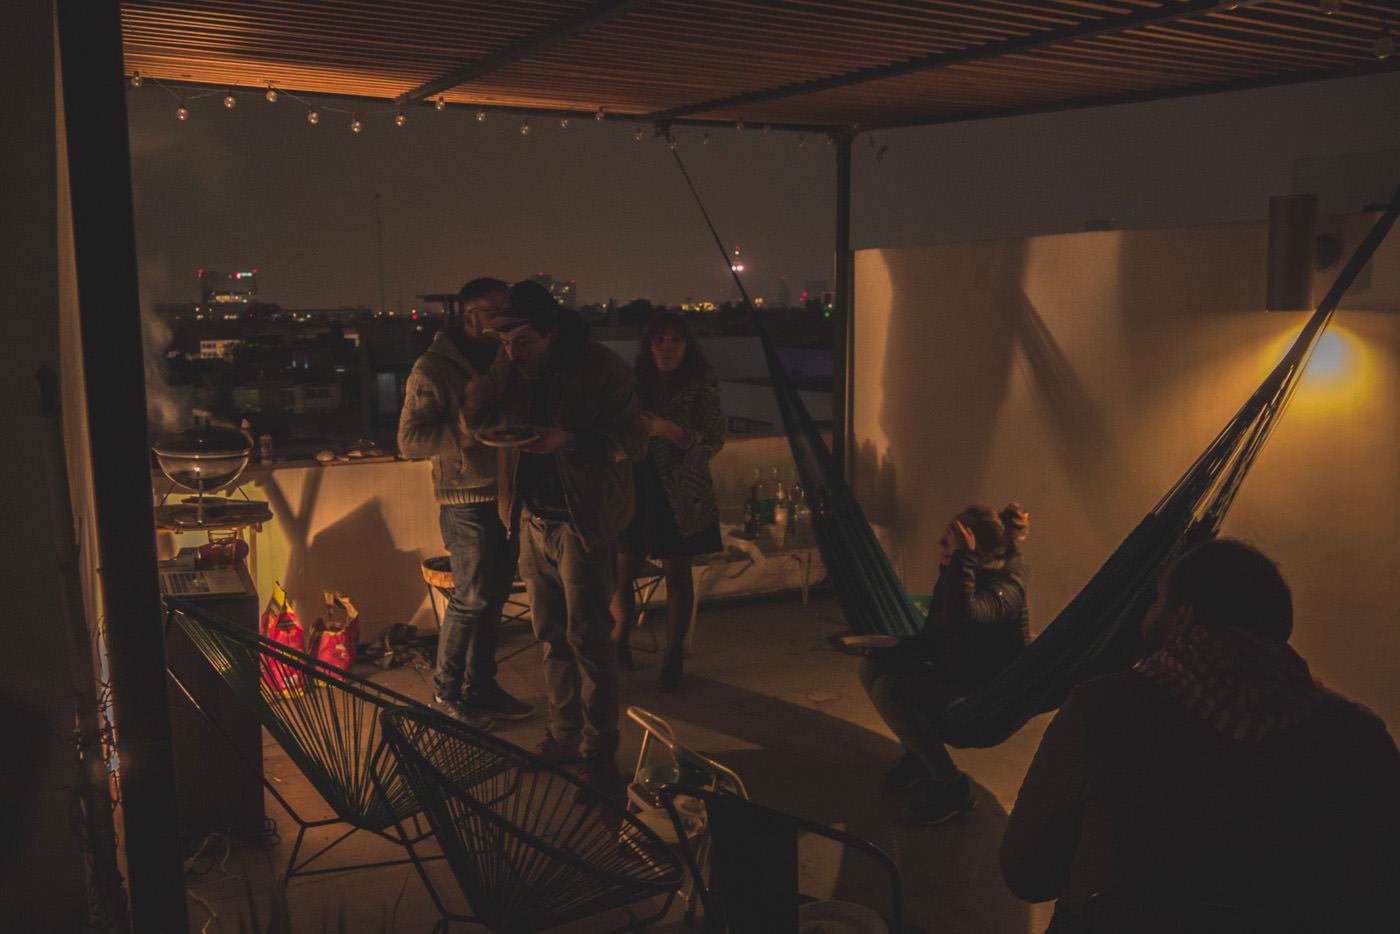 Silvester auf der Dachterrasse unseres AirBnB Appartements in Mexiko-Stadt